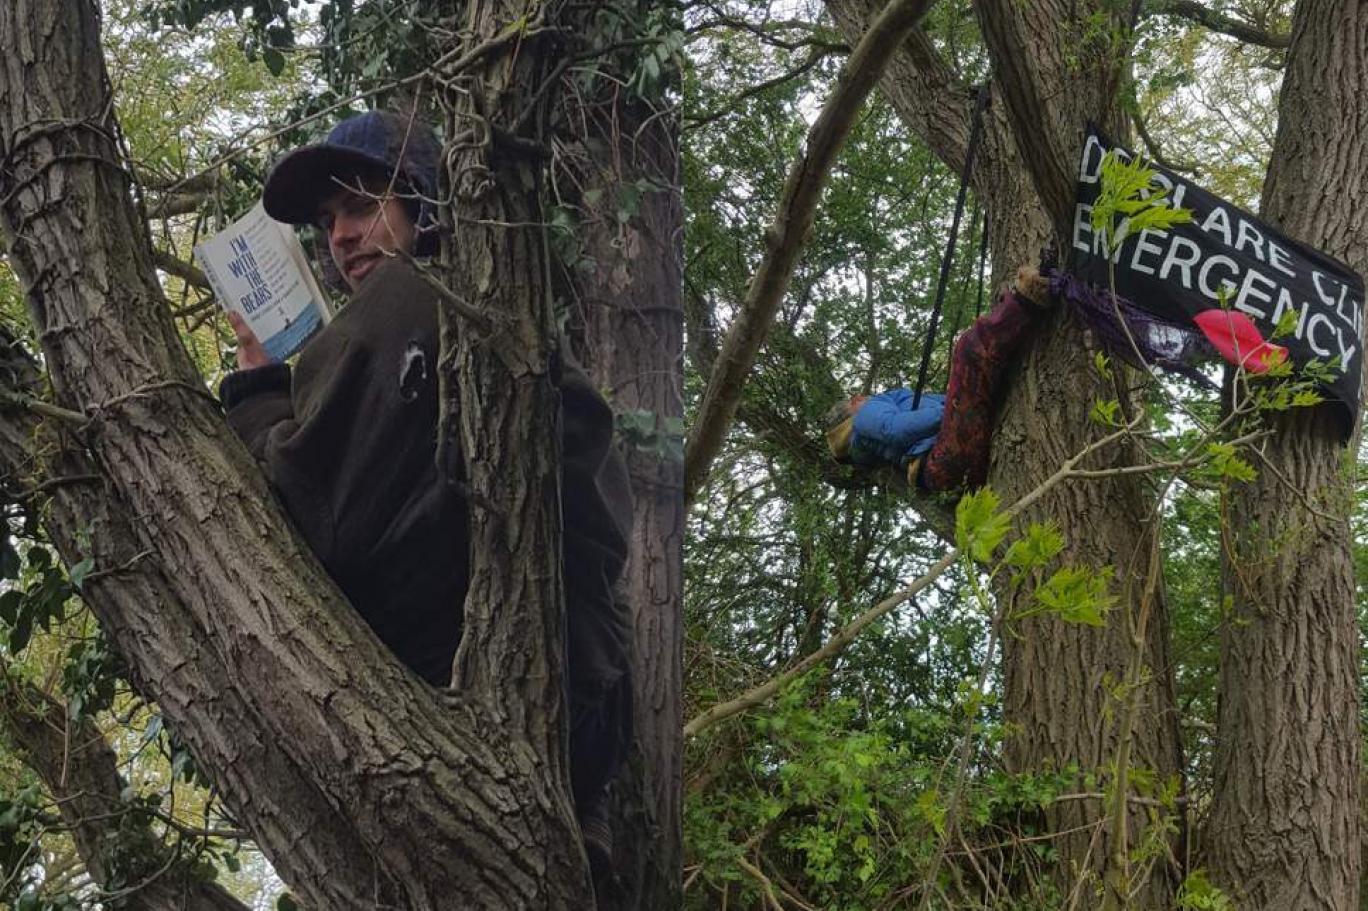 Yokoluş İsyanı aktivistleri, ağaç kesimini engellemek için ağaçlara kamp kurdu